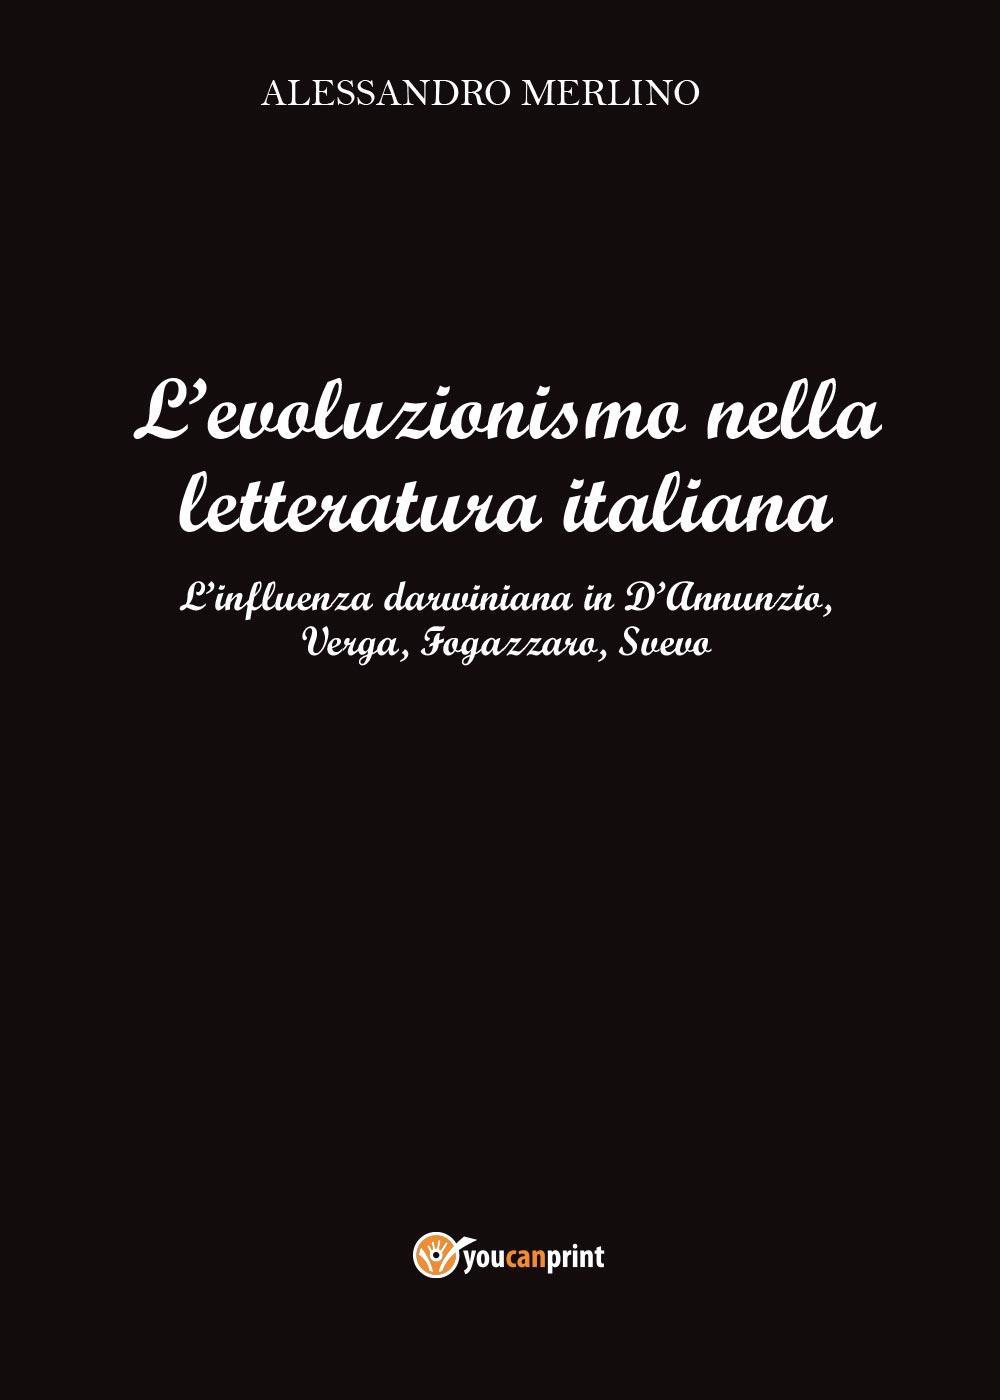 L'evoluzionismo nella letteratura italiana. L'influenza darwiniana in D'Annunzio, Verga, Fogazzaro, Svevo.